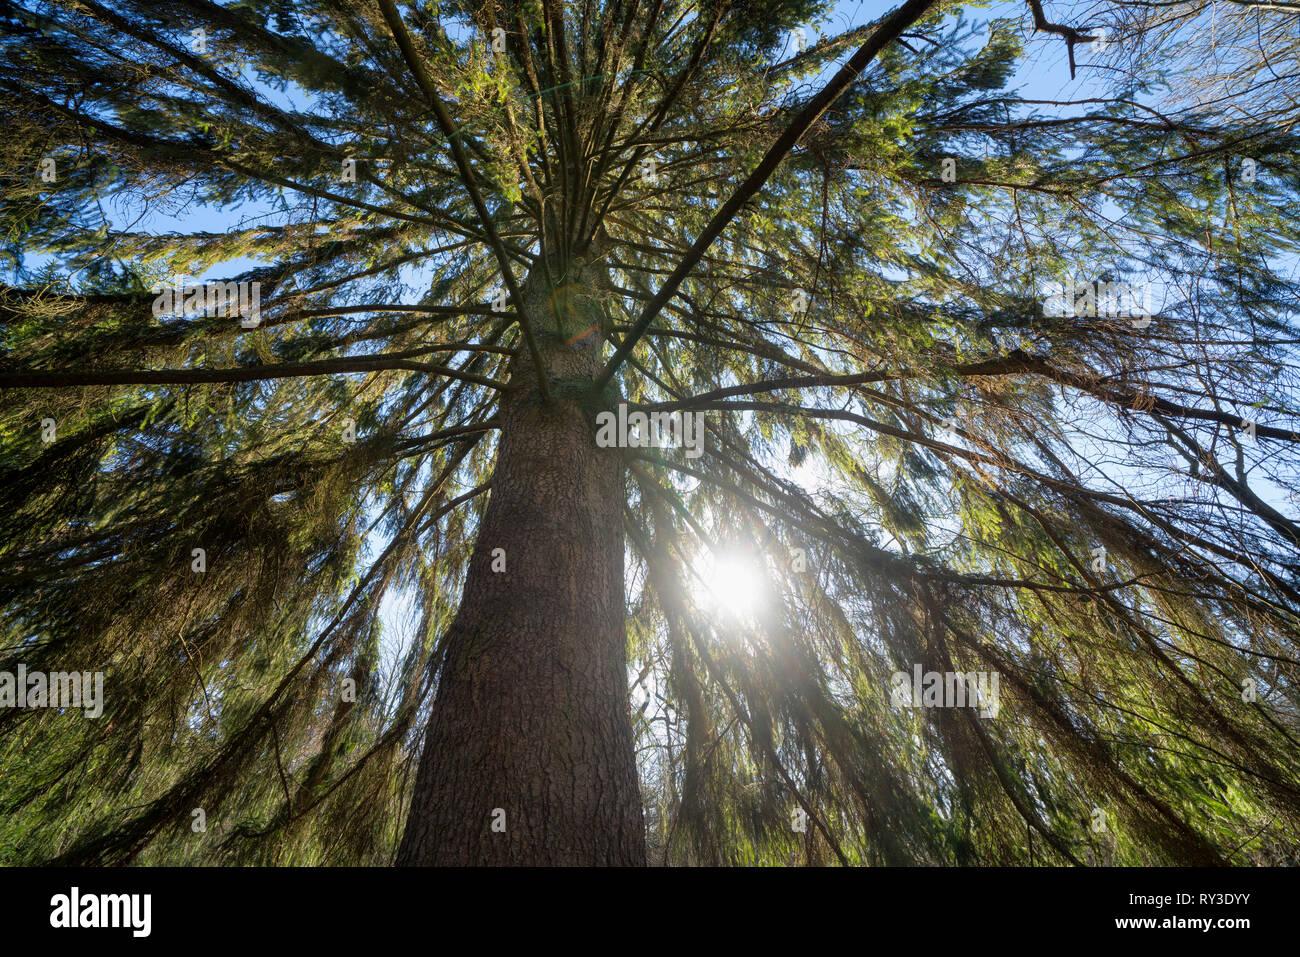 Spruce, Primeval forest Urwald Sababurg, Hofgeismar, Weser Uplands, Weserbergland, Hesse, Germany - Stock Image